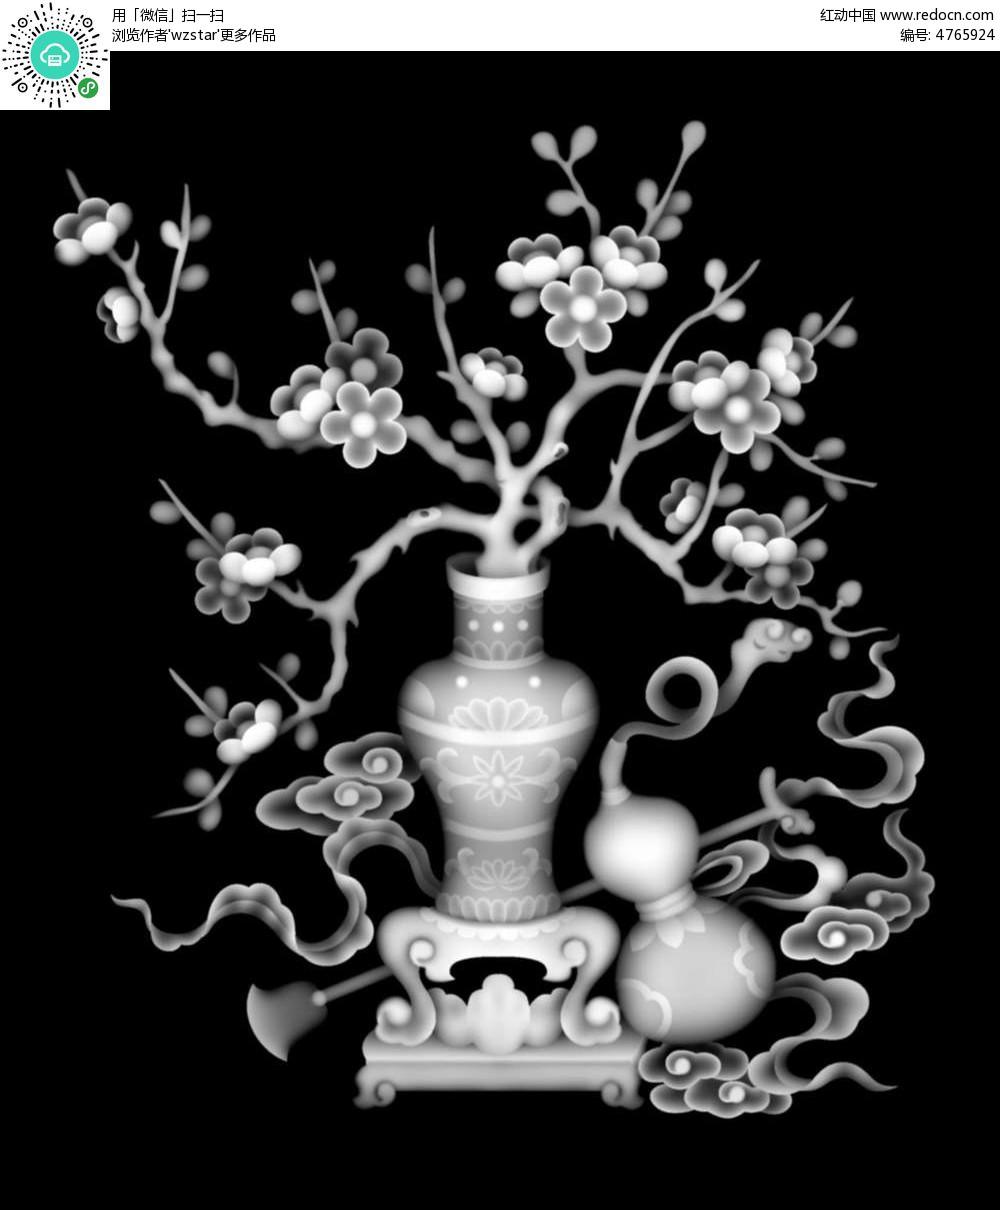 古代中国风花瓶花朵植物浮雕图其他素材免费下载 编号4765924 红动网